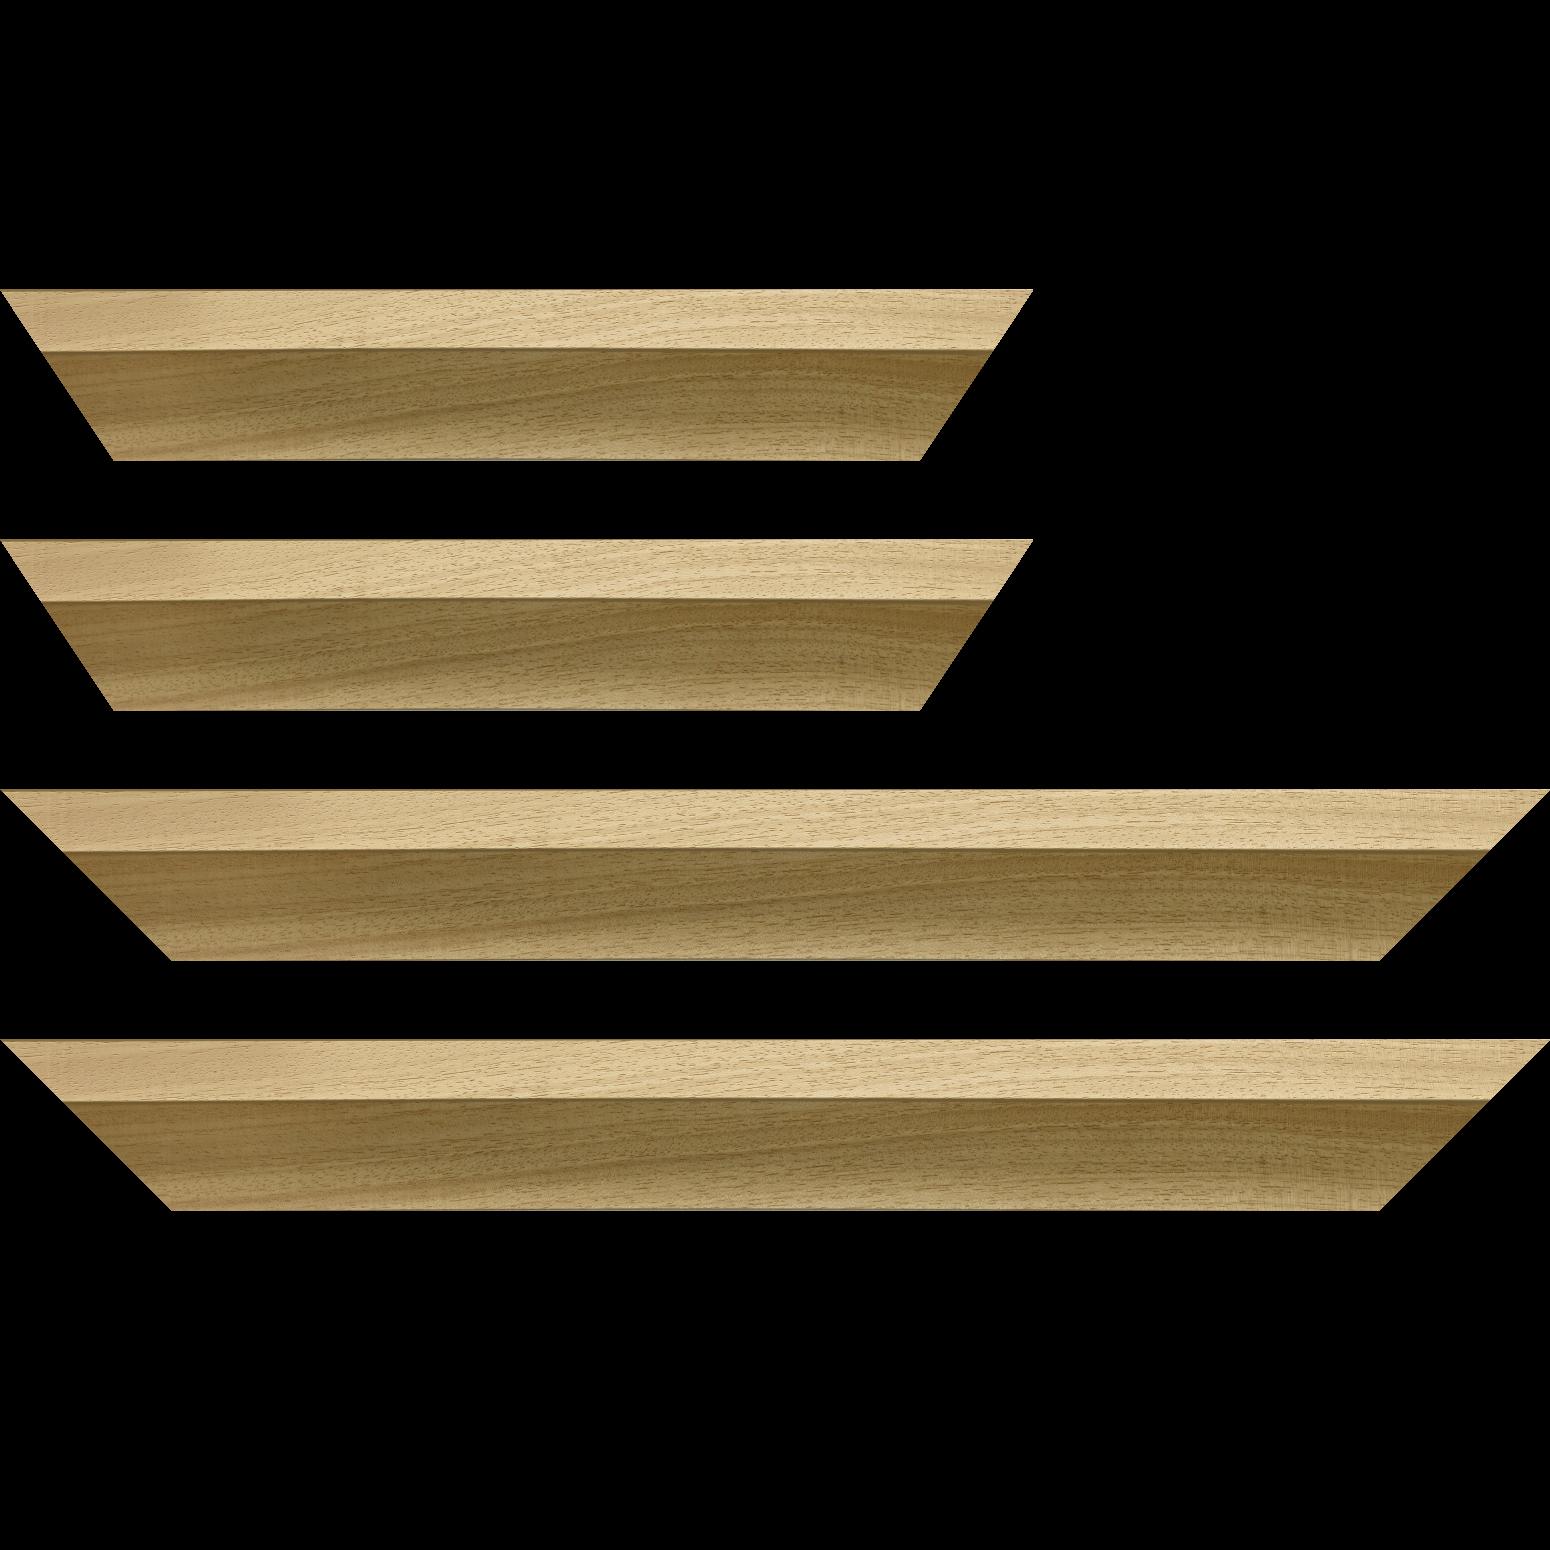 Baguette service précoupé Bois caisse américaine profil en L (flottante) largeur 4.5cm naturel brut plat extérieur largeur 2cm QUALITÉ GALERIE (spécialement conçu pour les châssis d'une épaisseur jusqu'à 3cm ) sans vernis,peut être peint...information complémentaire : il faut renseigner la dimension précise de votre sujet  et l'espace intérieur entre la toile et le cadre sera de 2cm